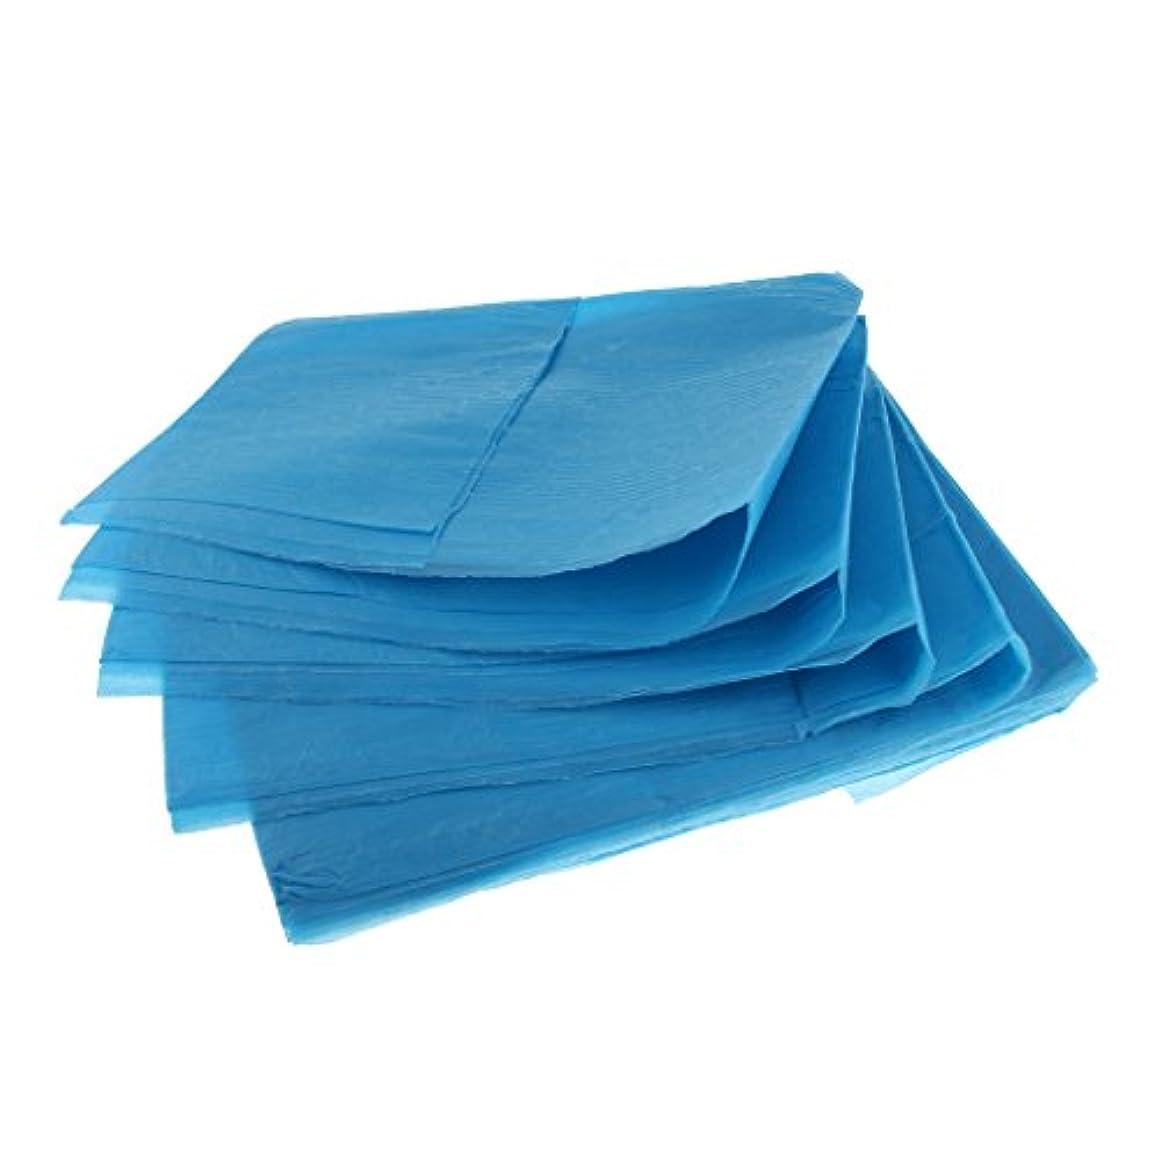 パフ香り暴力的なSONONIA 10枚 使い捨て ベッドシーツ ベッドパッド カバー 妊産婦 生理期間 スキンケア 美容院 サロン ホテル 2色選べ - 青